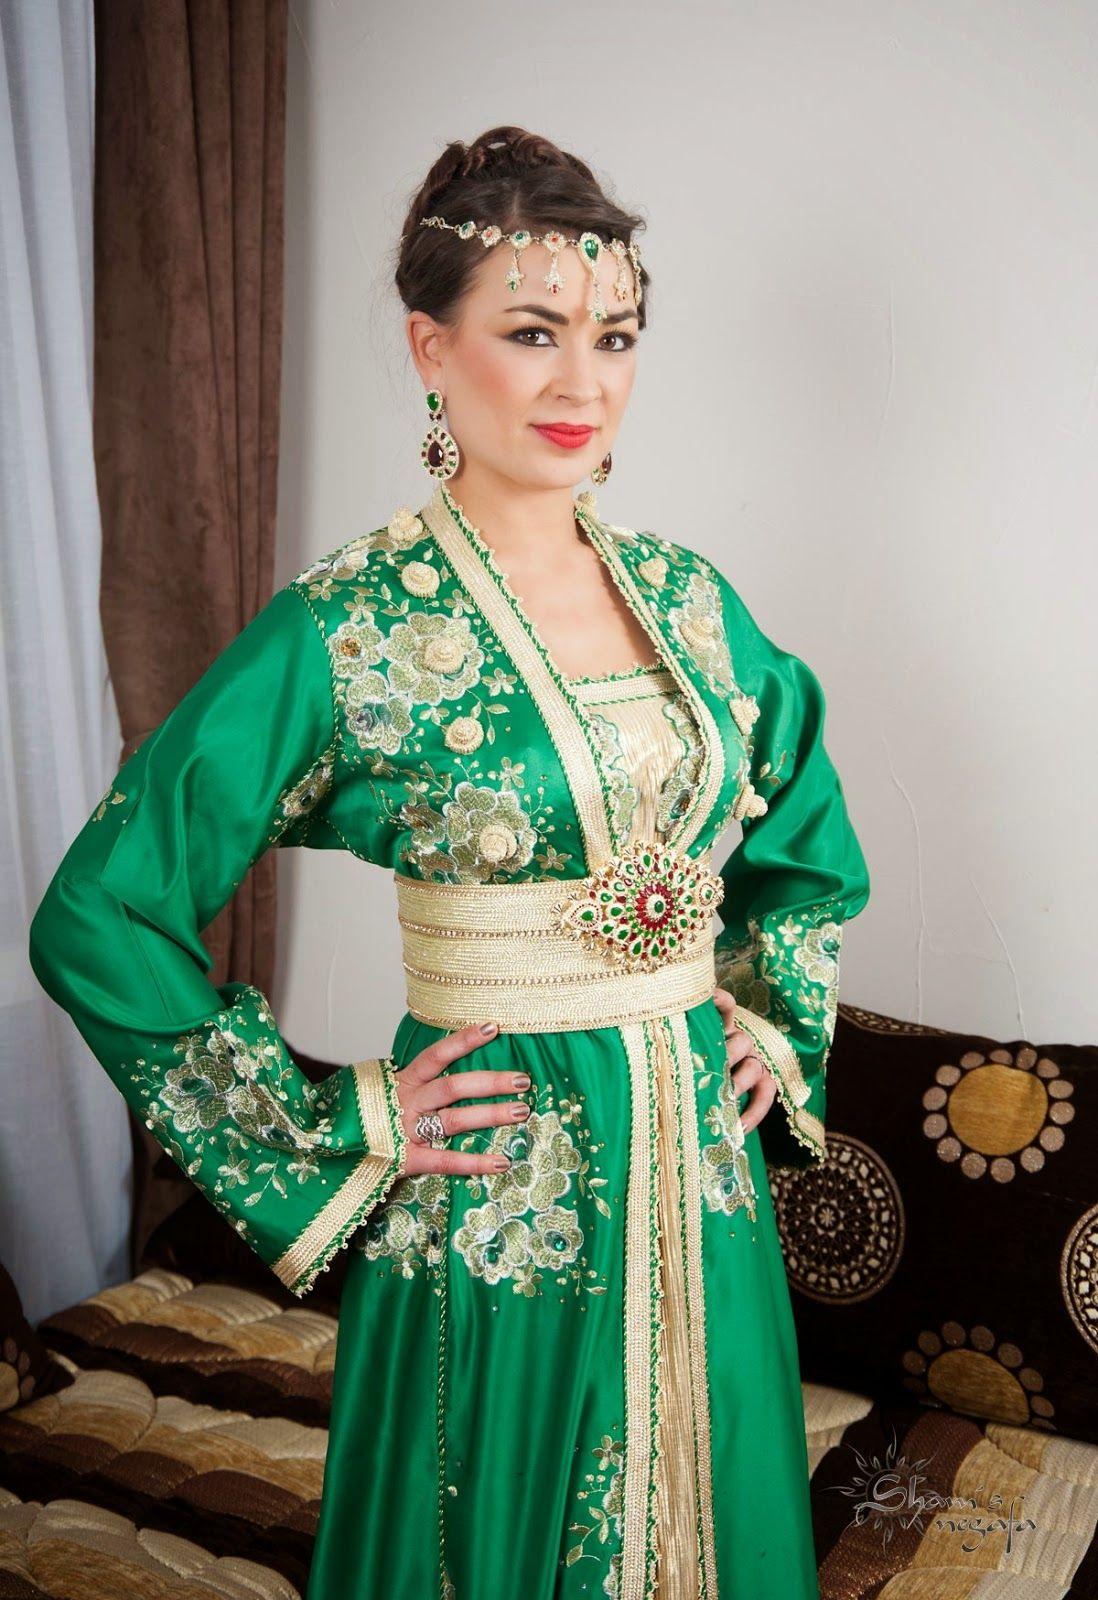 Nouveau caftan haute couture marocain 2019 belles images